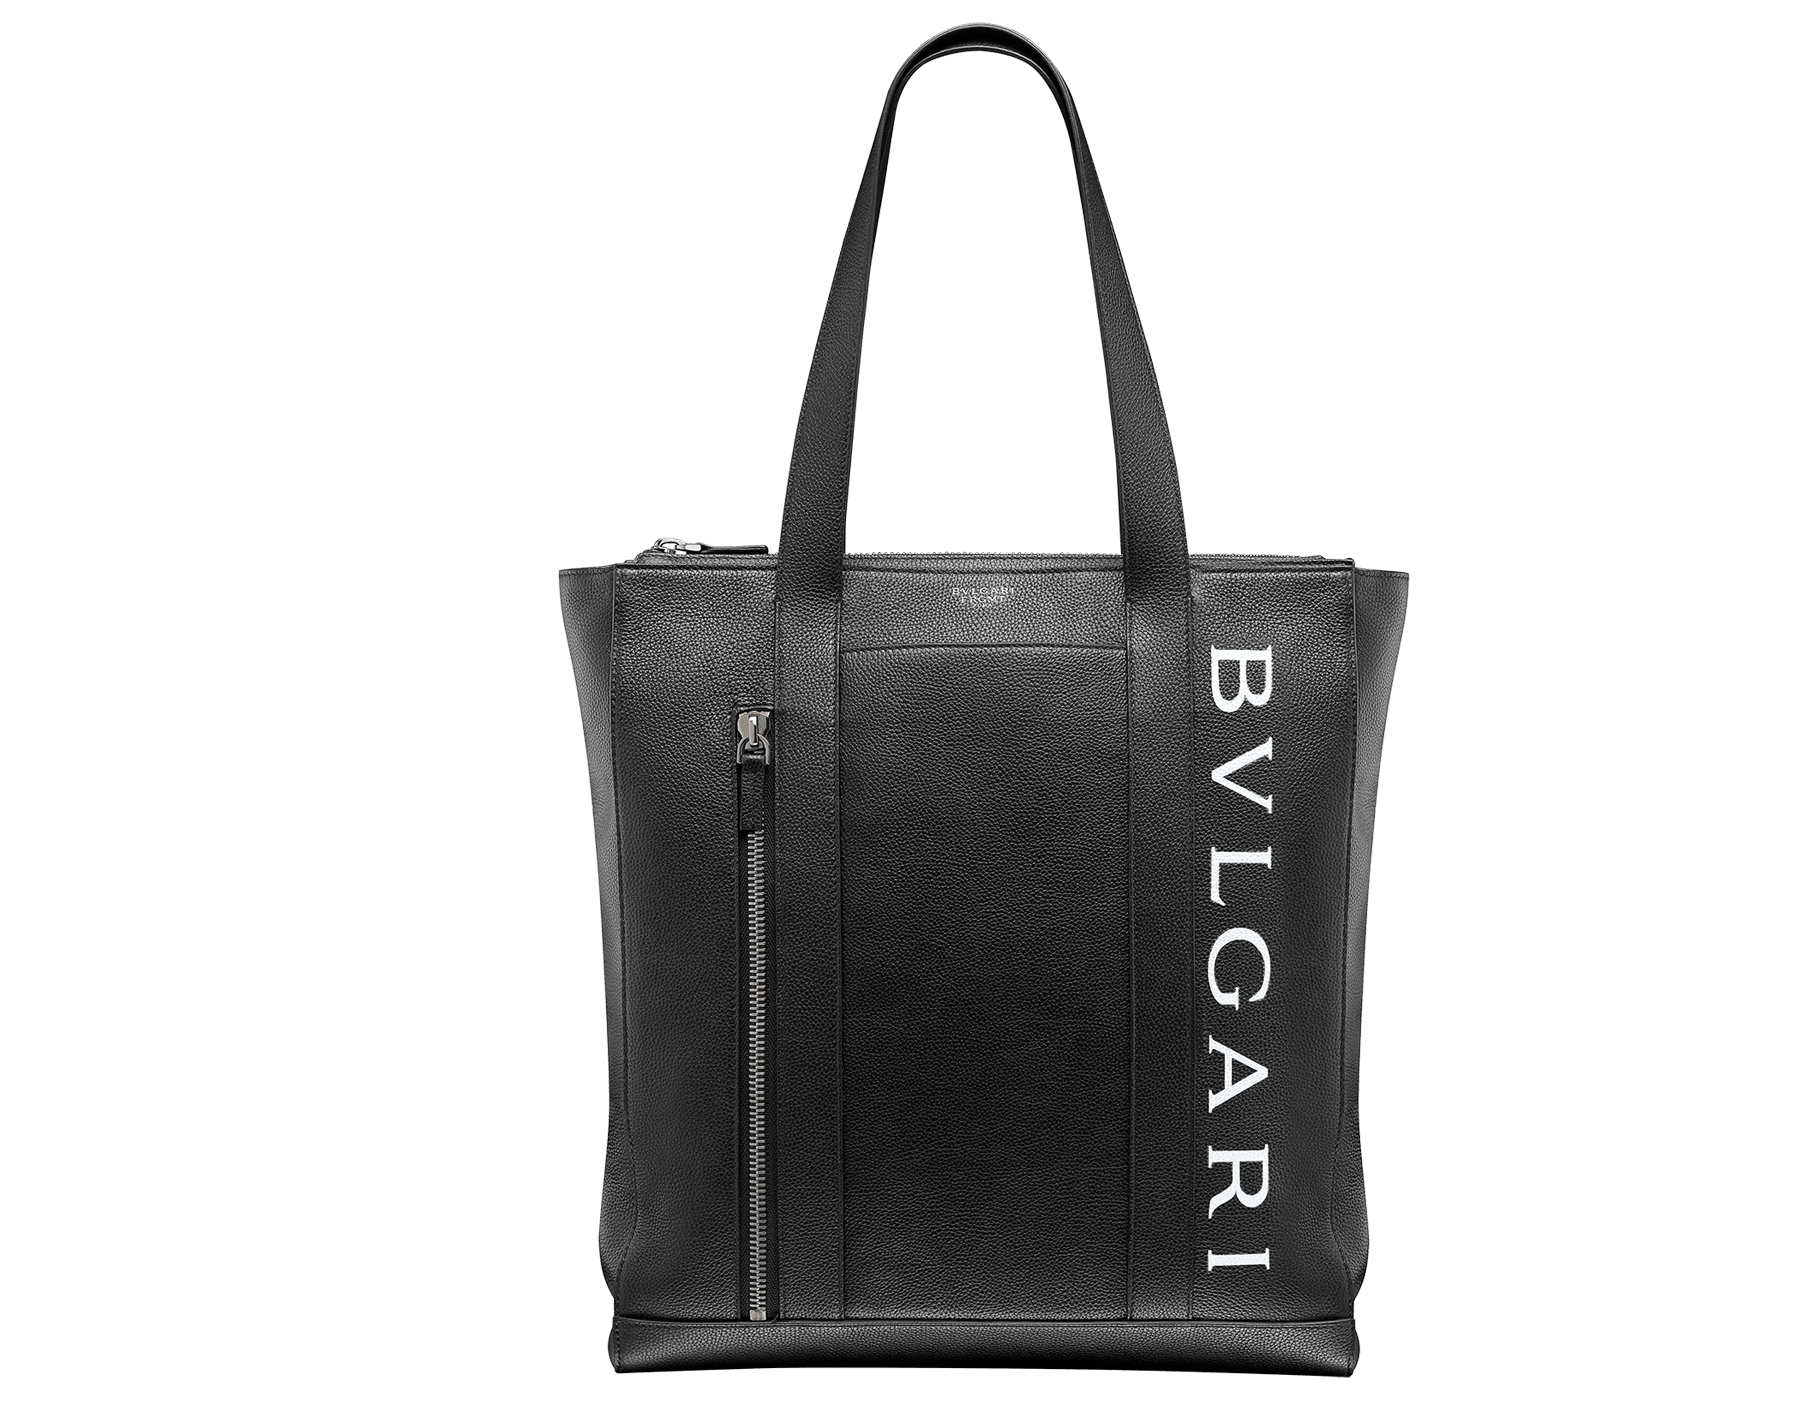 パラジウムプレートブラス製金具、「BVLGARI」と「FRAGMENT」のホワイトロゴプリントが付いたデニムサファイアのグレインカーフレザー製「FRAGMENT X BVLGARI by Hiroshi Fujiwara」縦長トートバッグ。 1114M-FUJI3rd image 1